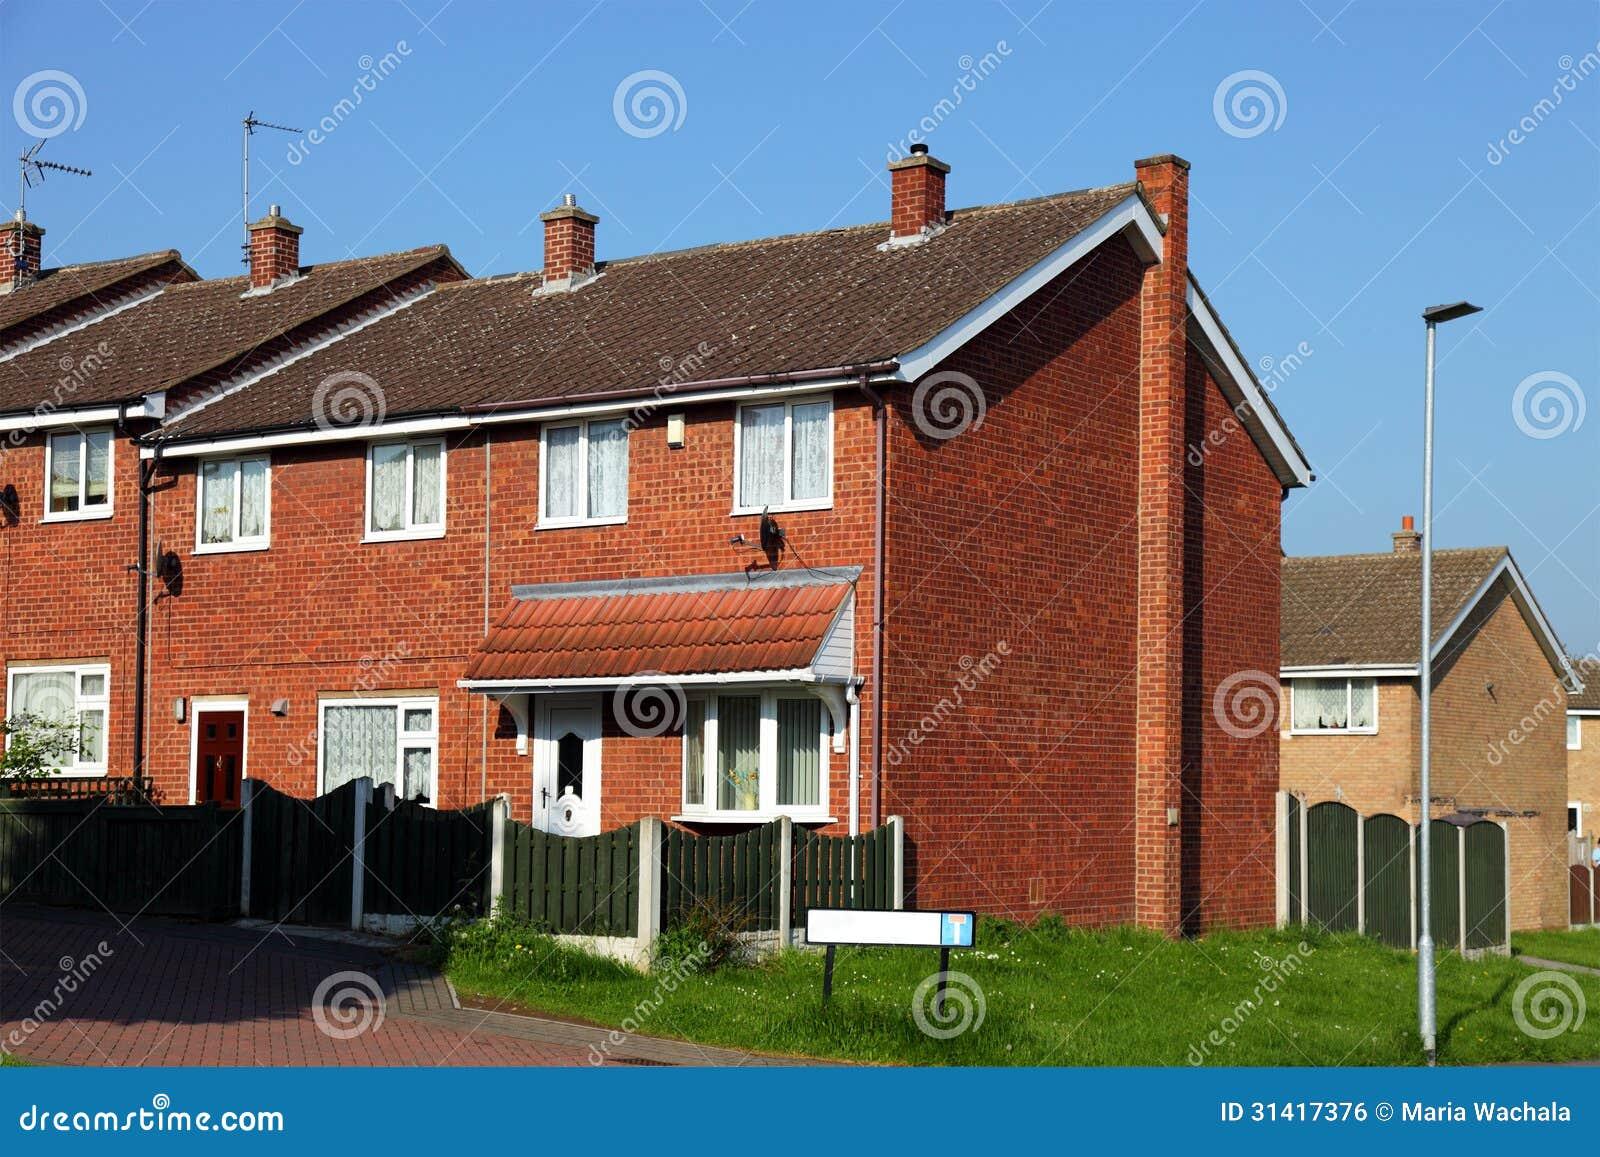 Maison anglaise typique image libre de droits image 31417376 - Photo maison anglaise ...